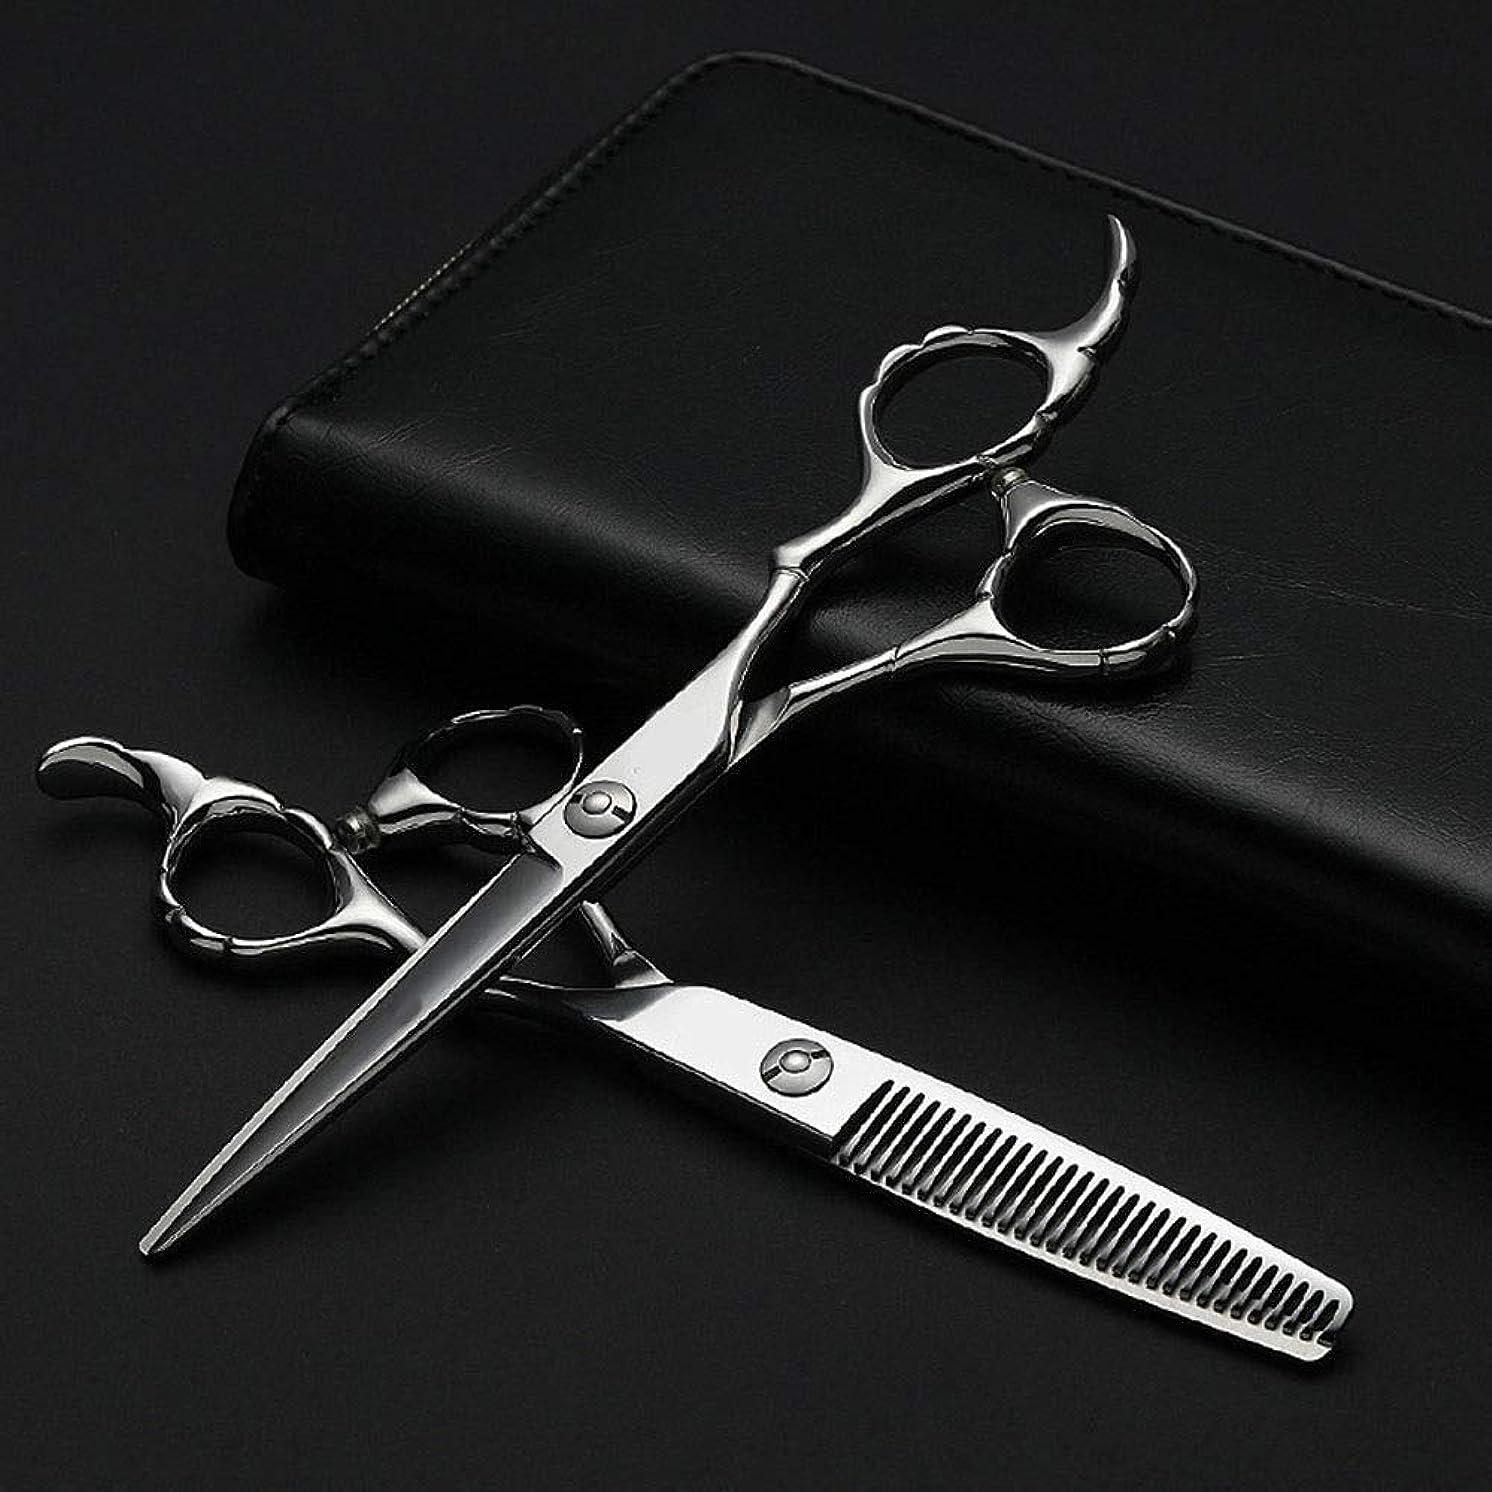 はがき法令軽減プロの理髪セット、フラット+歯シザー細い竹ハンドルはさみセット モデリングツール (色 : Silver)